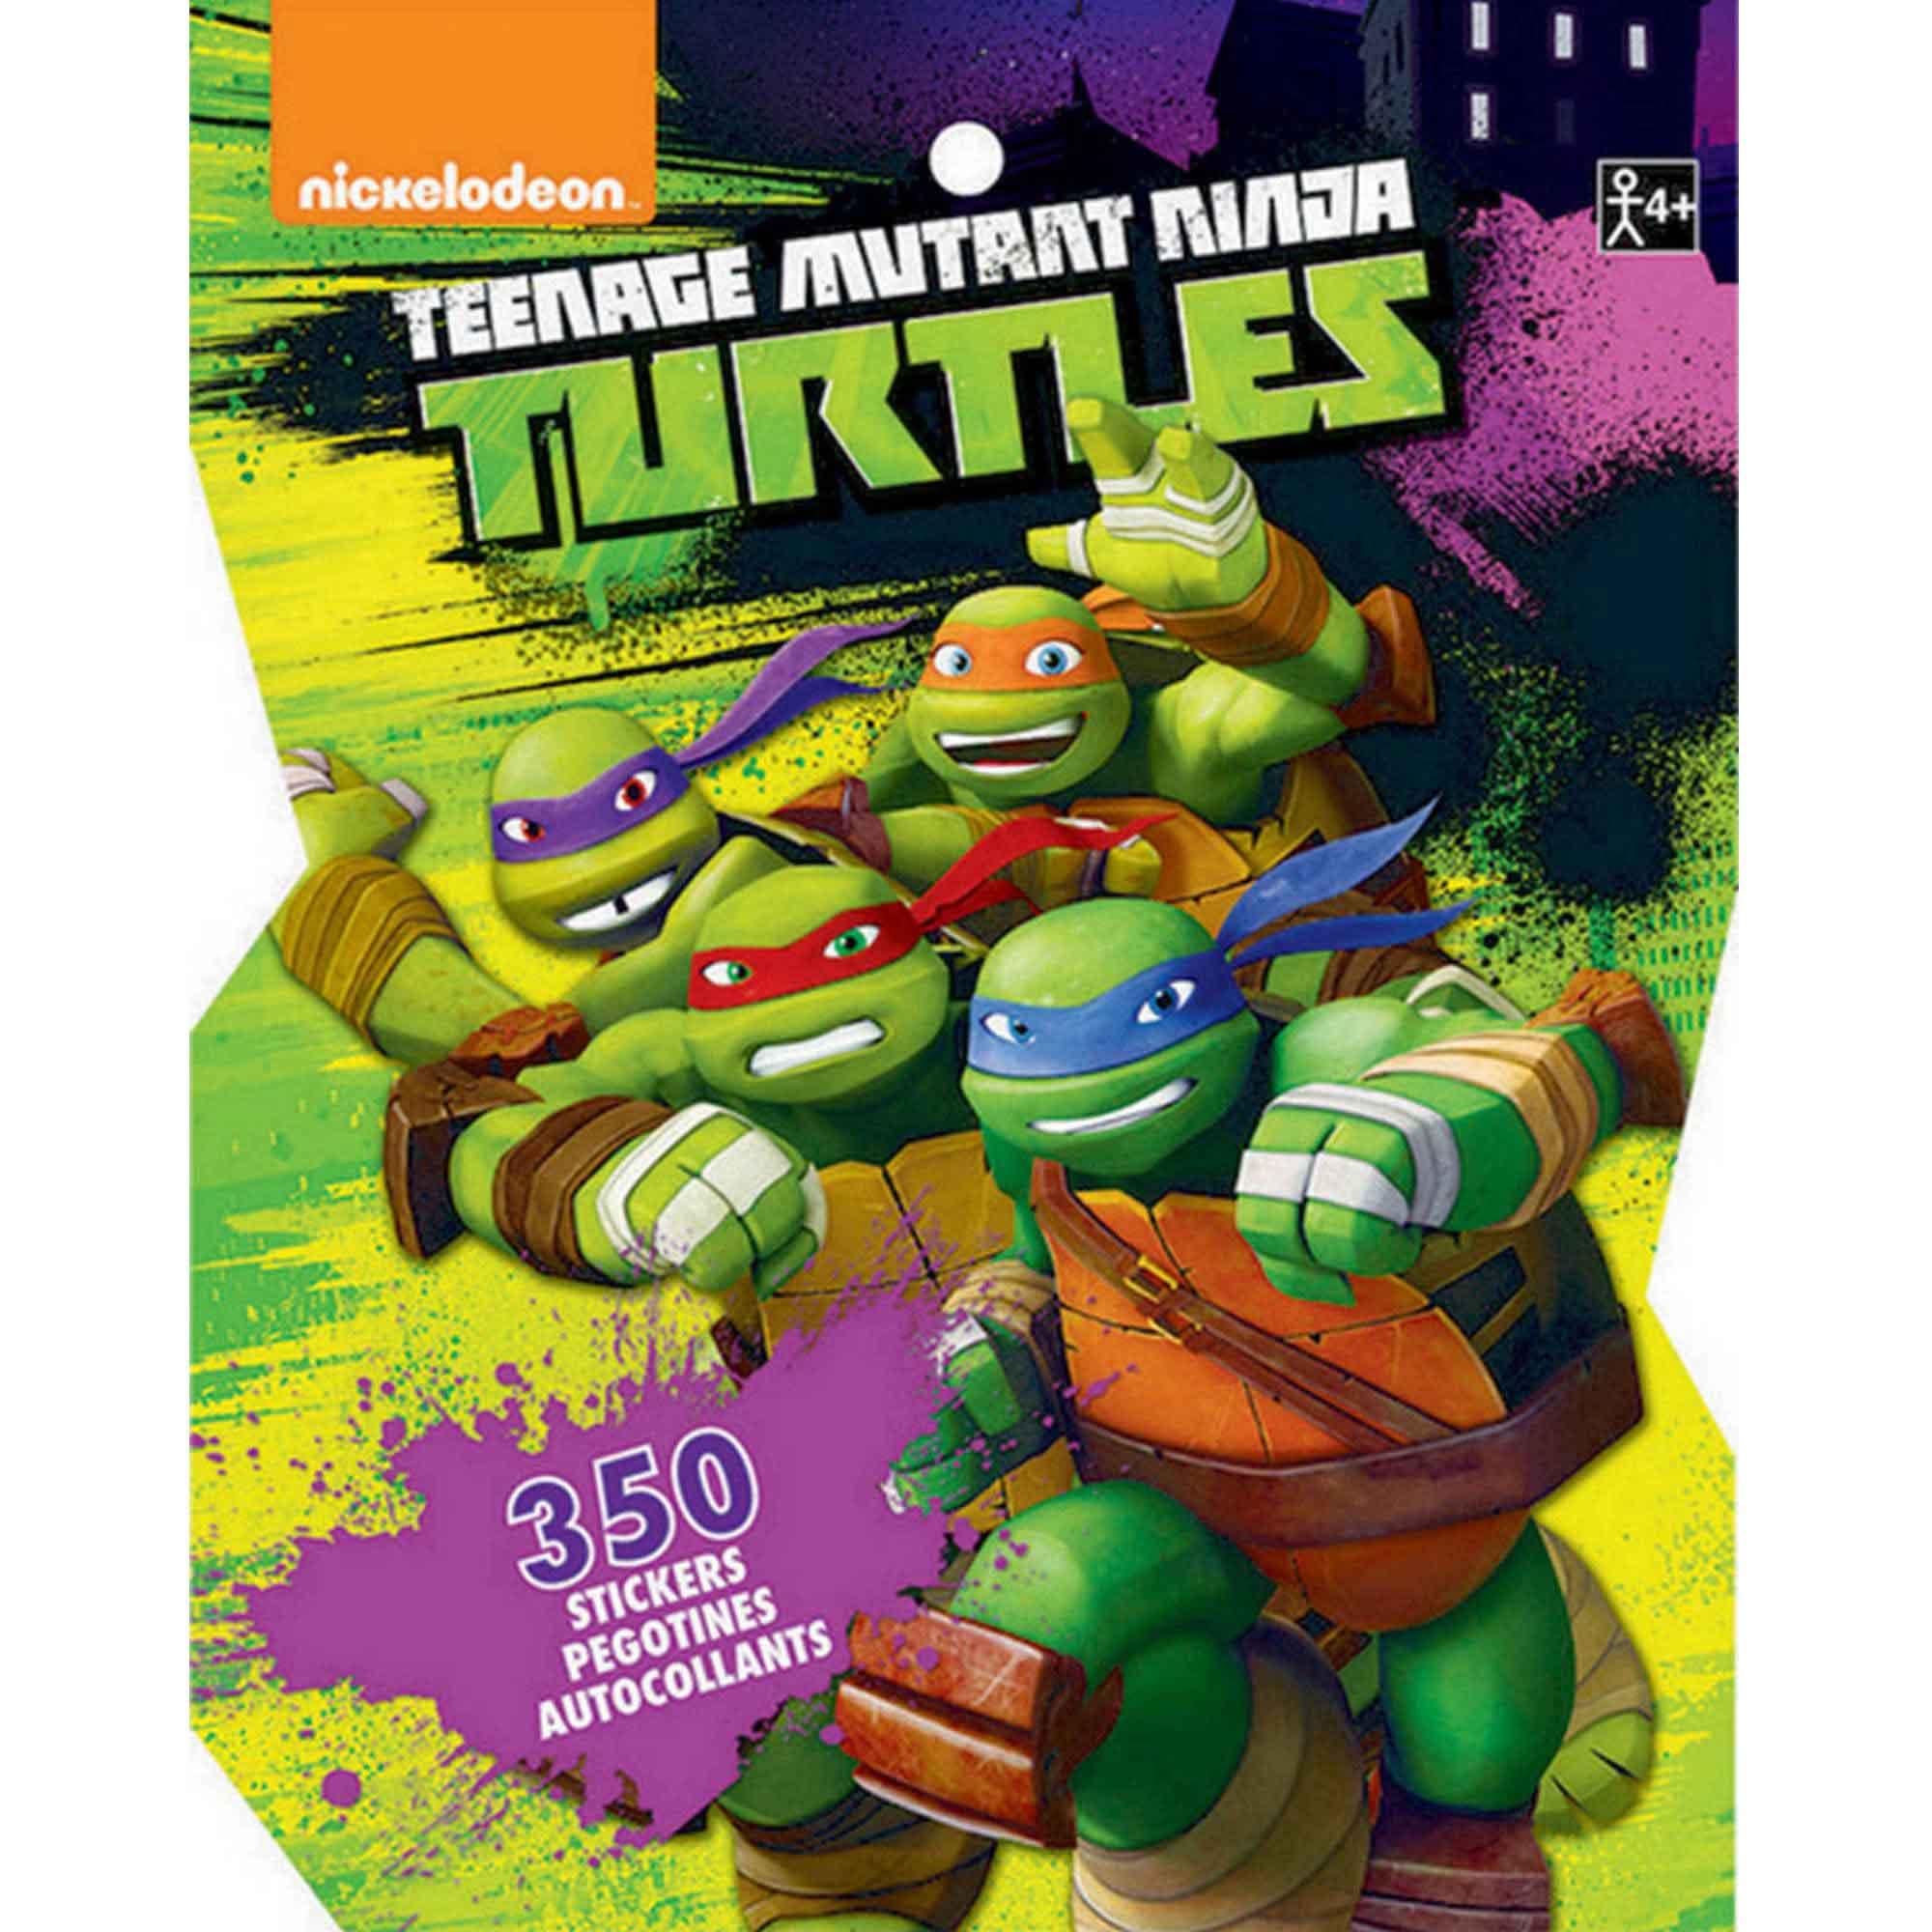 Sticker Book Teenage Mutant Ninja Turtles